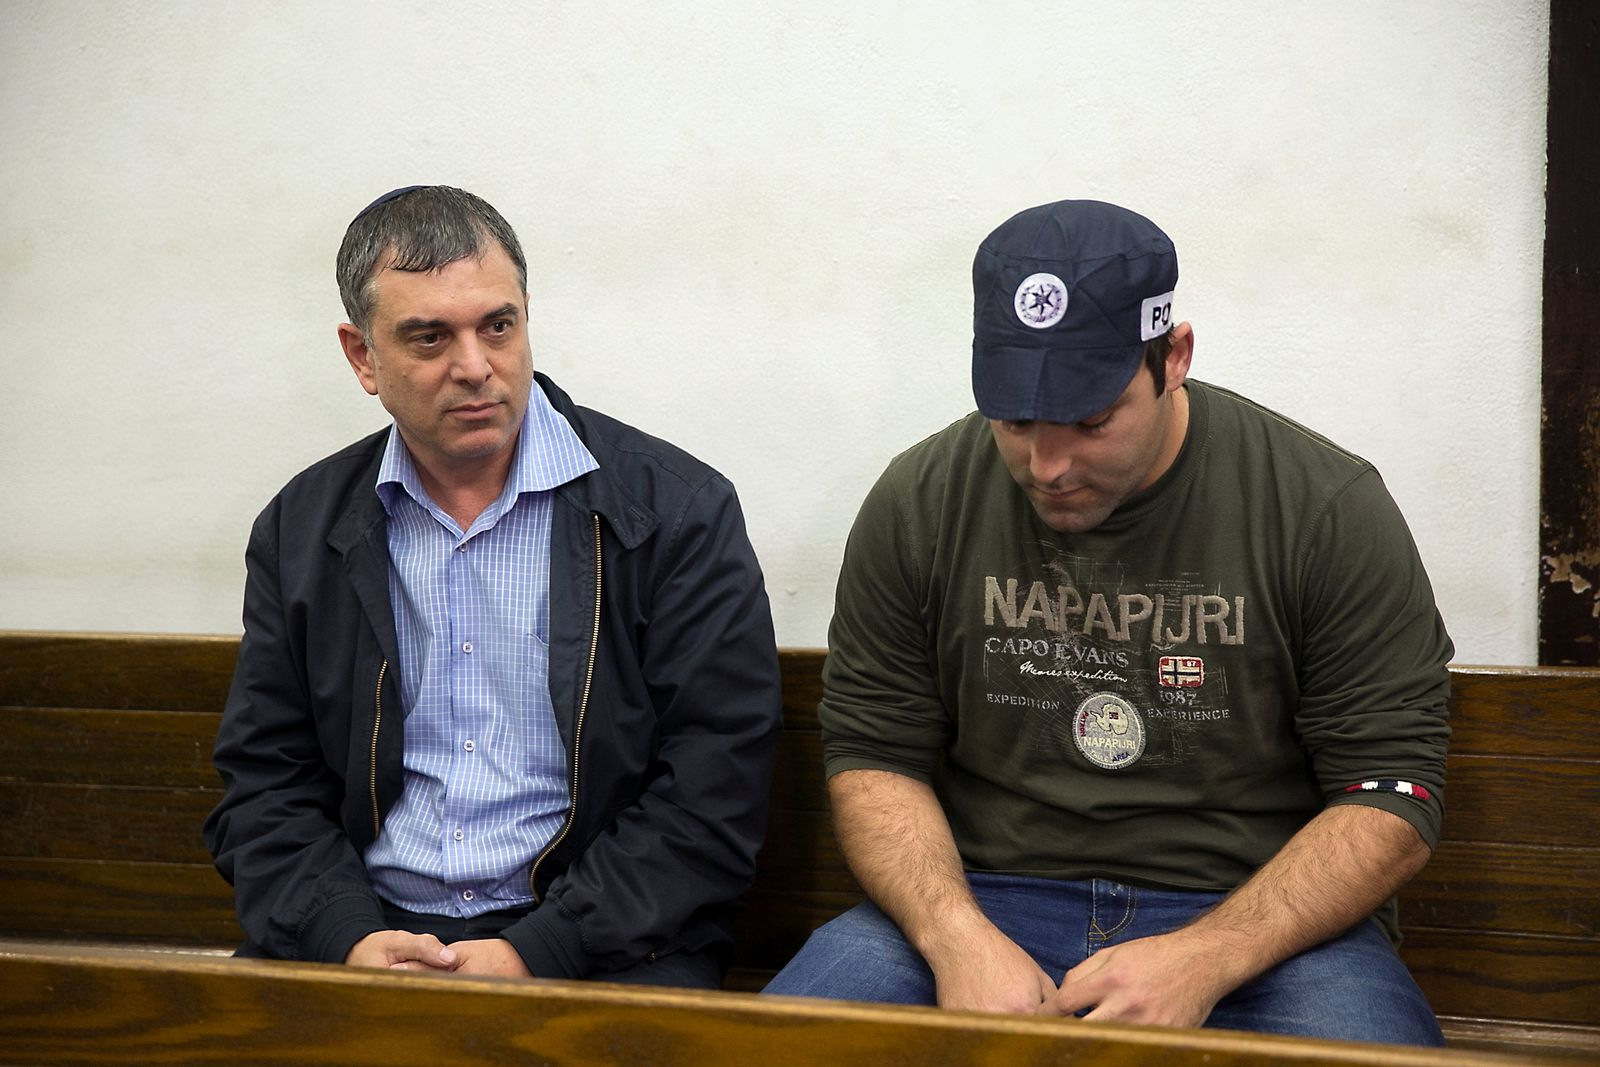 ISRAEL-POLITICS/CORRUPTION